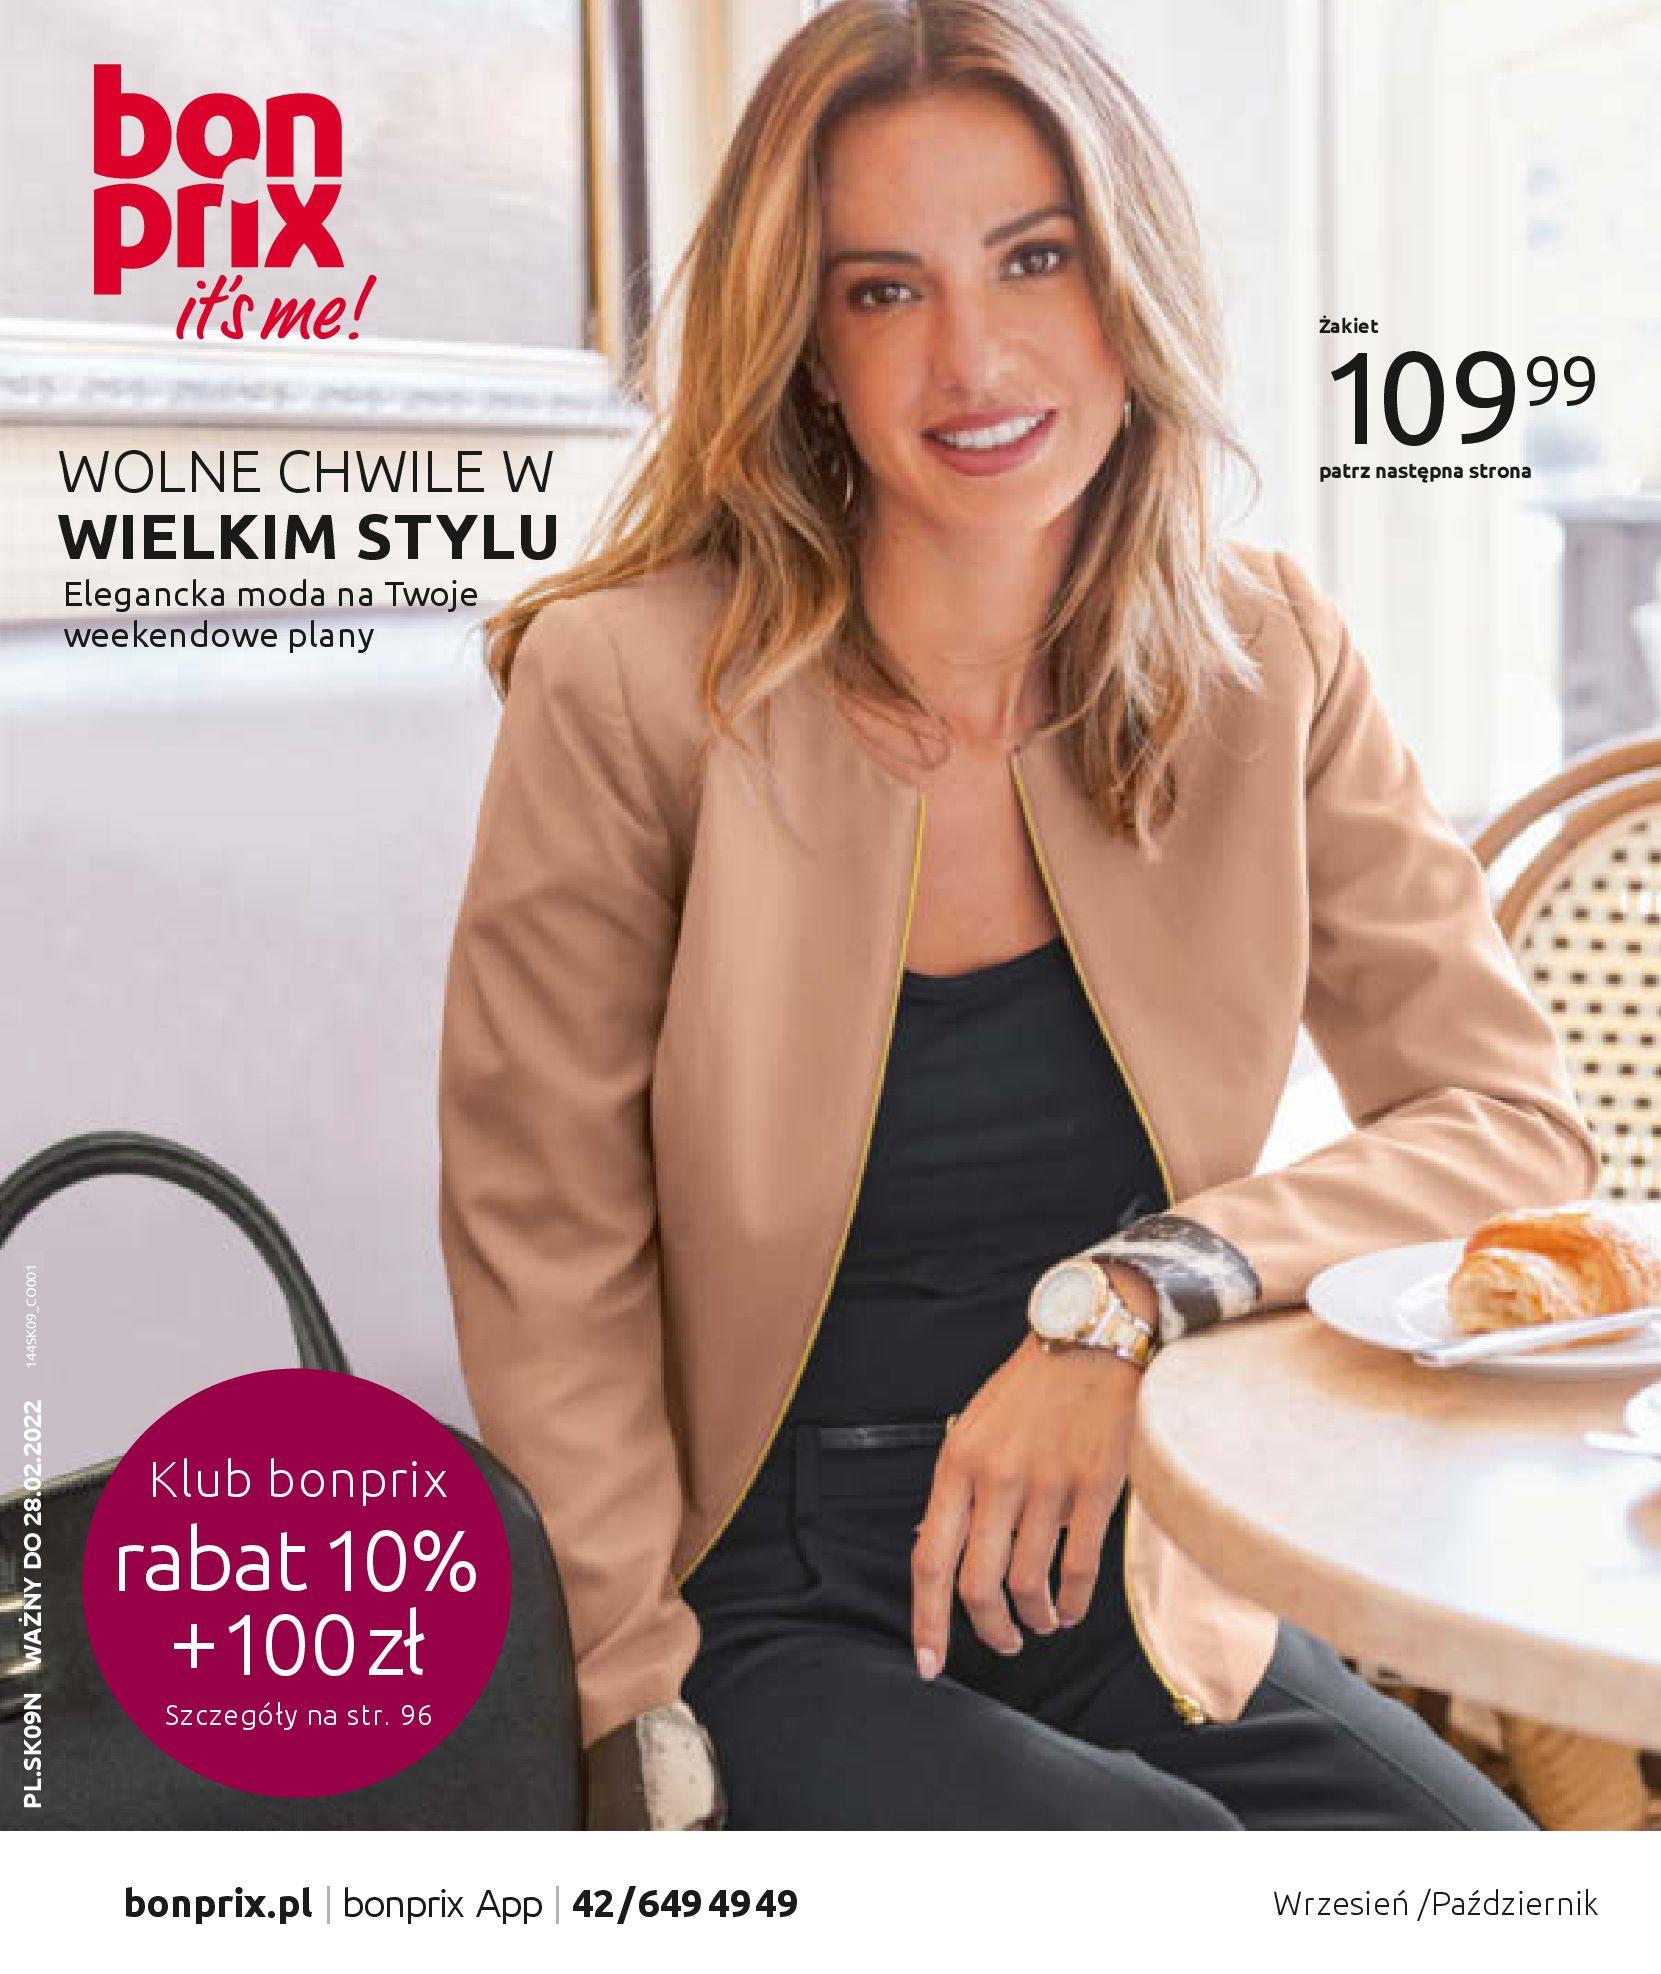 Gazetka Bonprix: Katalog Bonprix - Wolne chwile w wielkim stylu 2021-09-09 page-1